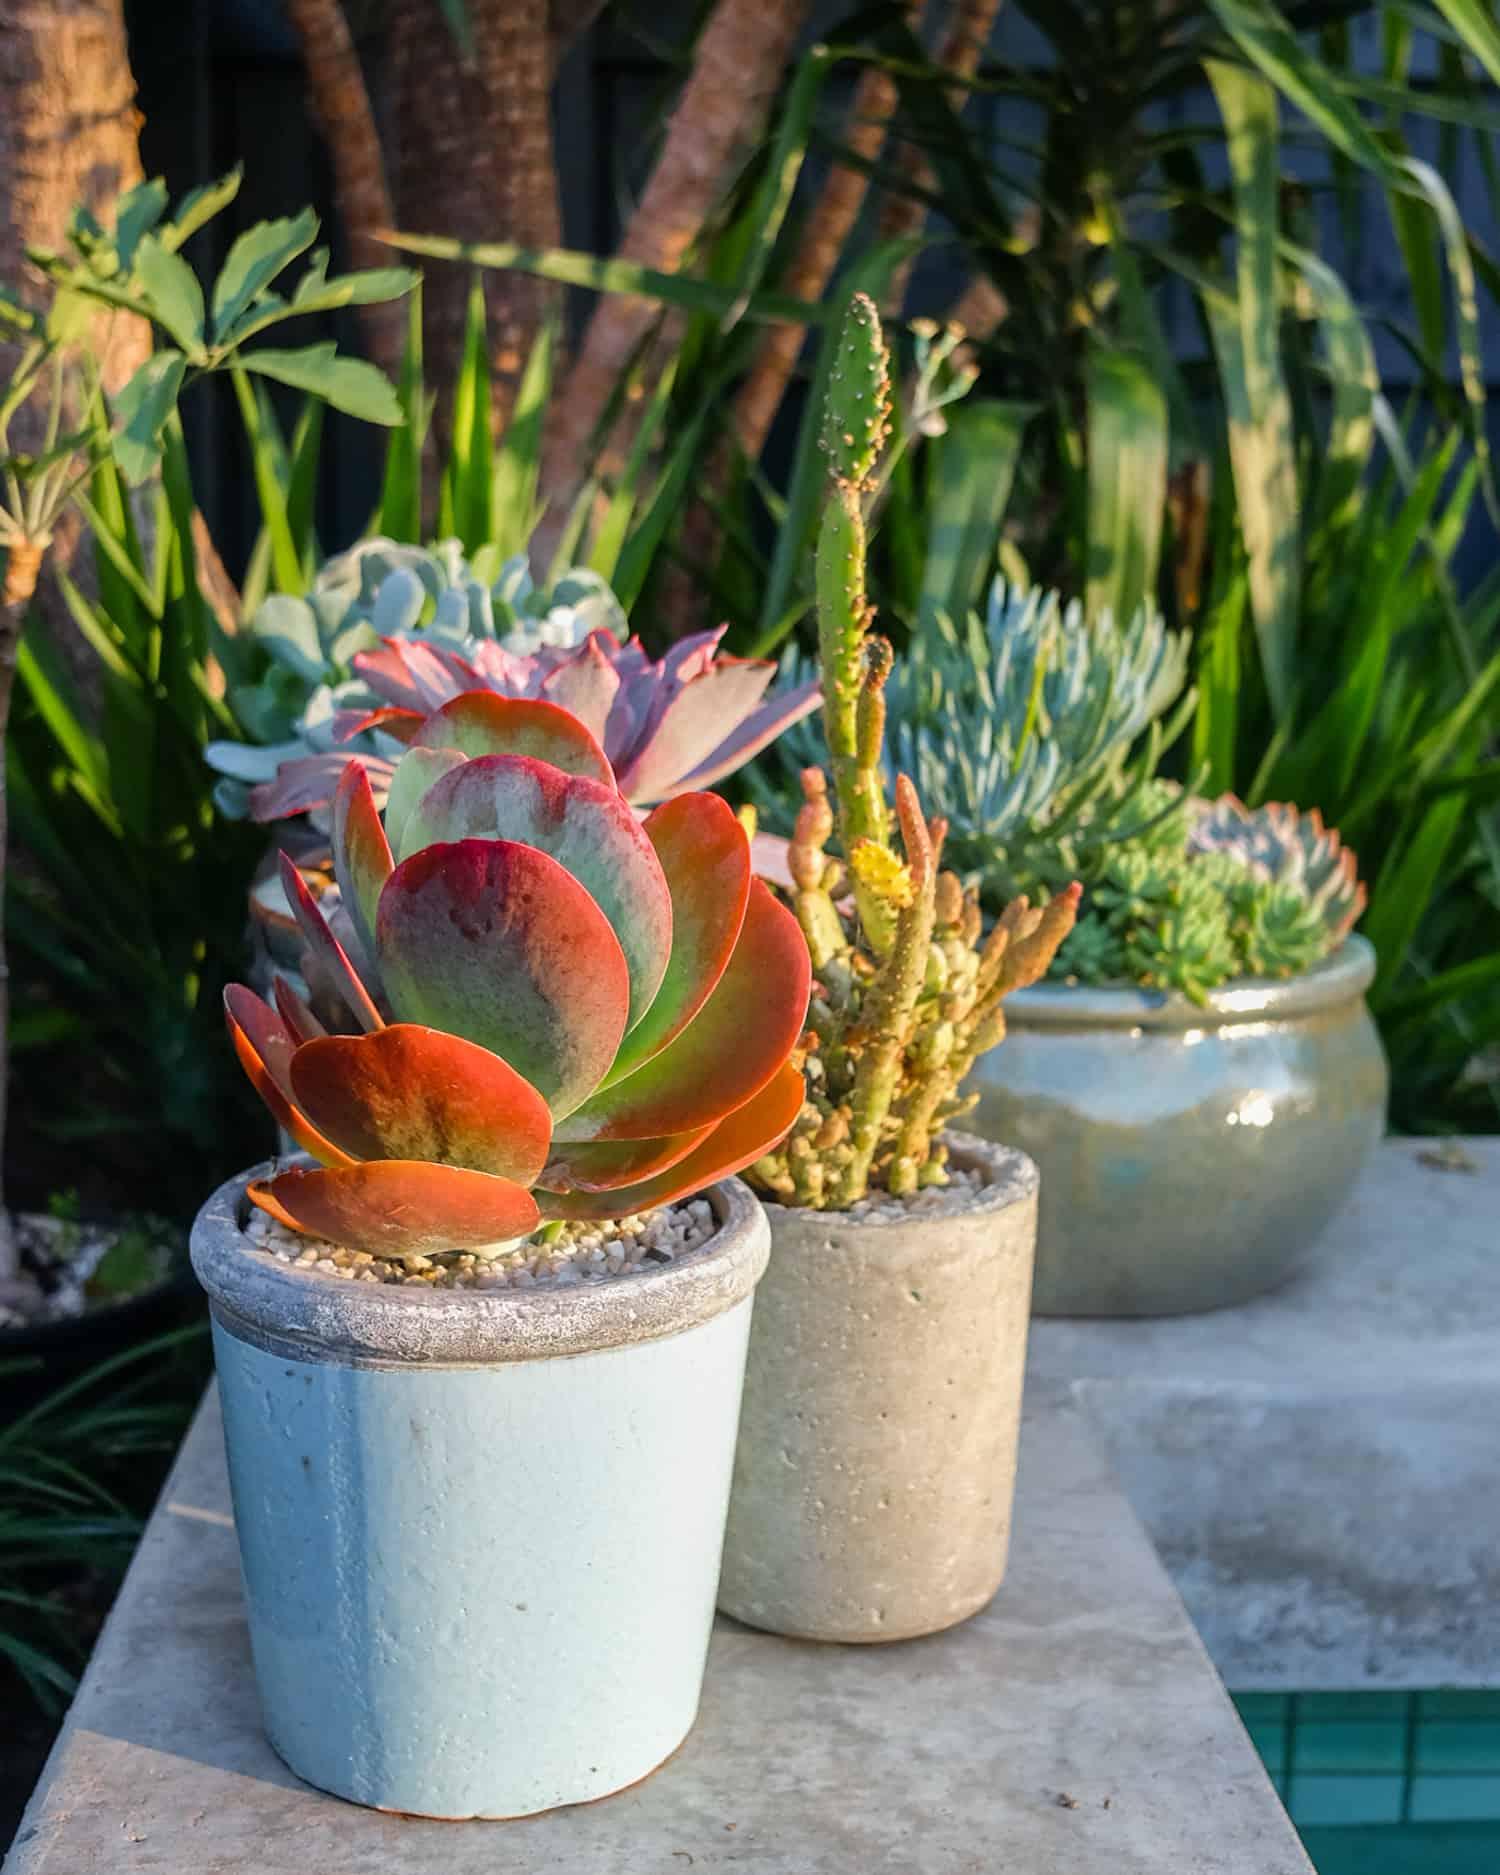 Kalanchoe Luciae, Flap Jack Plant, Aeoniums, Stressing Succulents, Pulp Kaktus